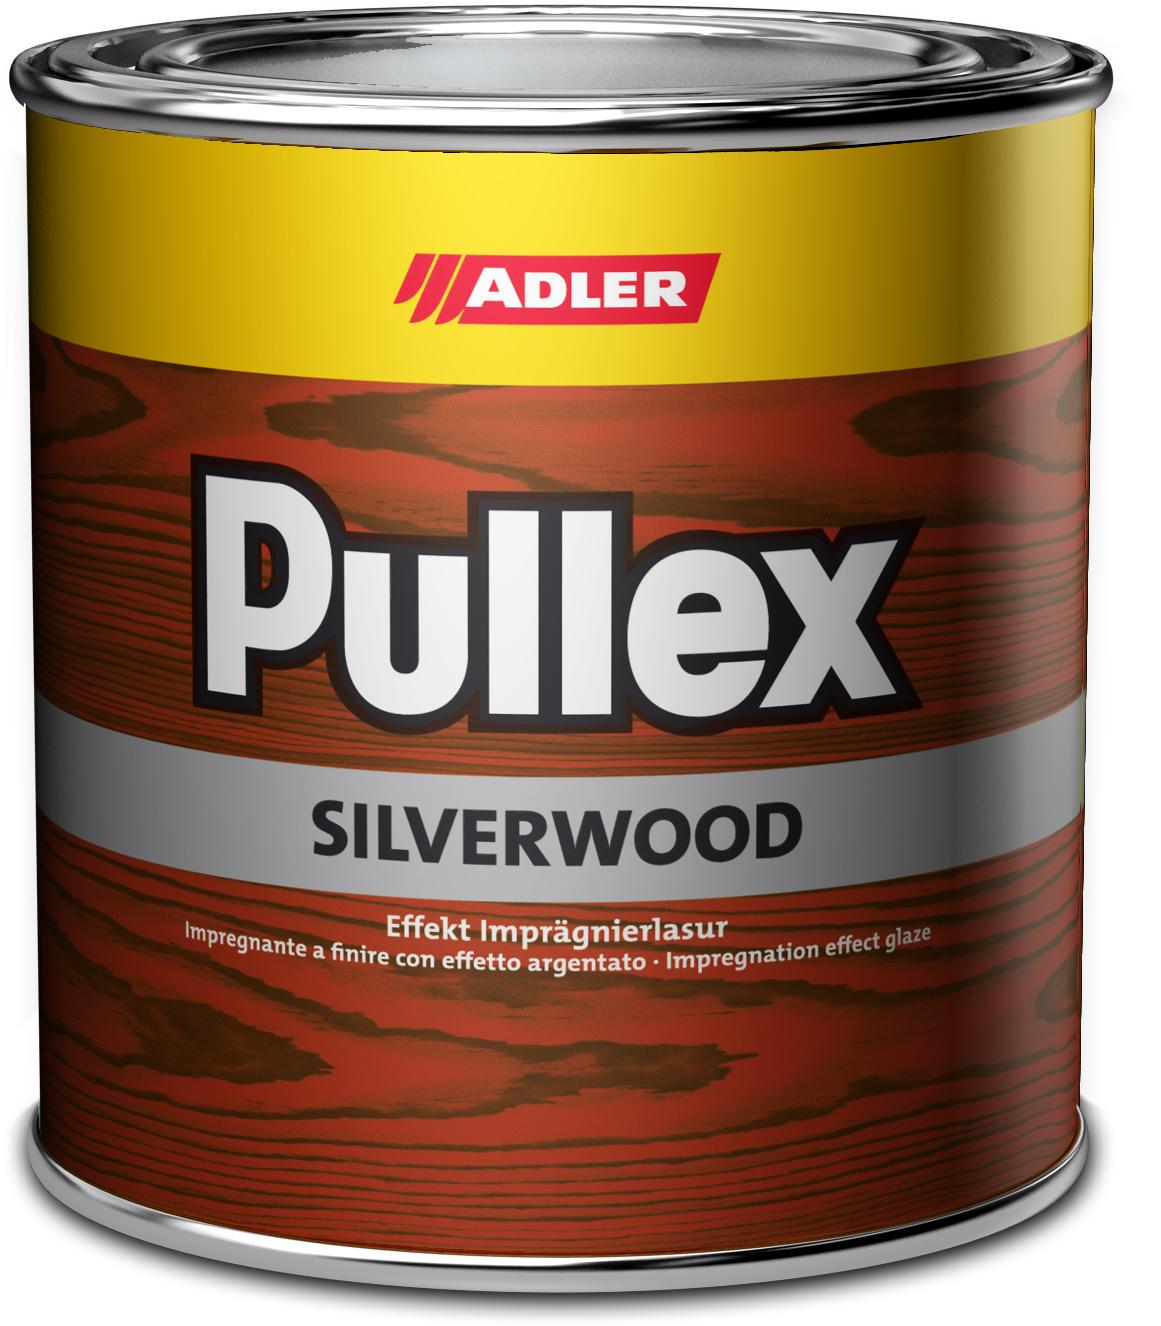 Adler Pullex Silverwood - efektná lazúra do exteriéru vytvárajúca vzhľad starého dreva